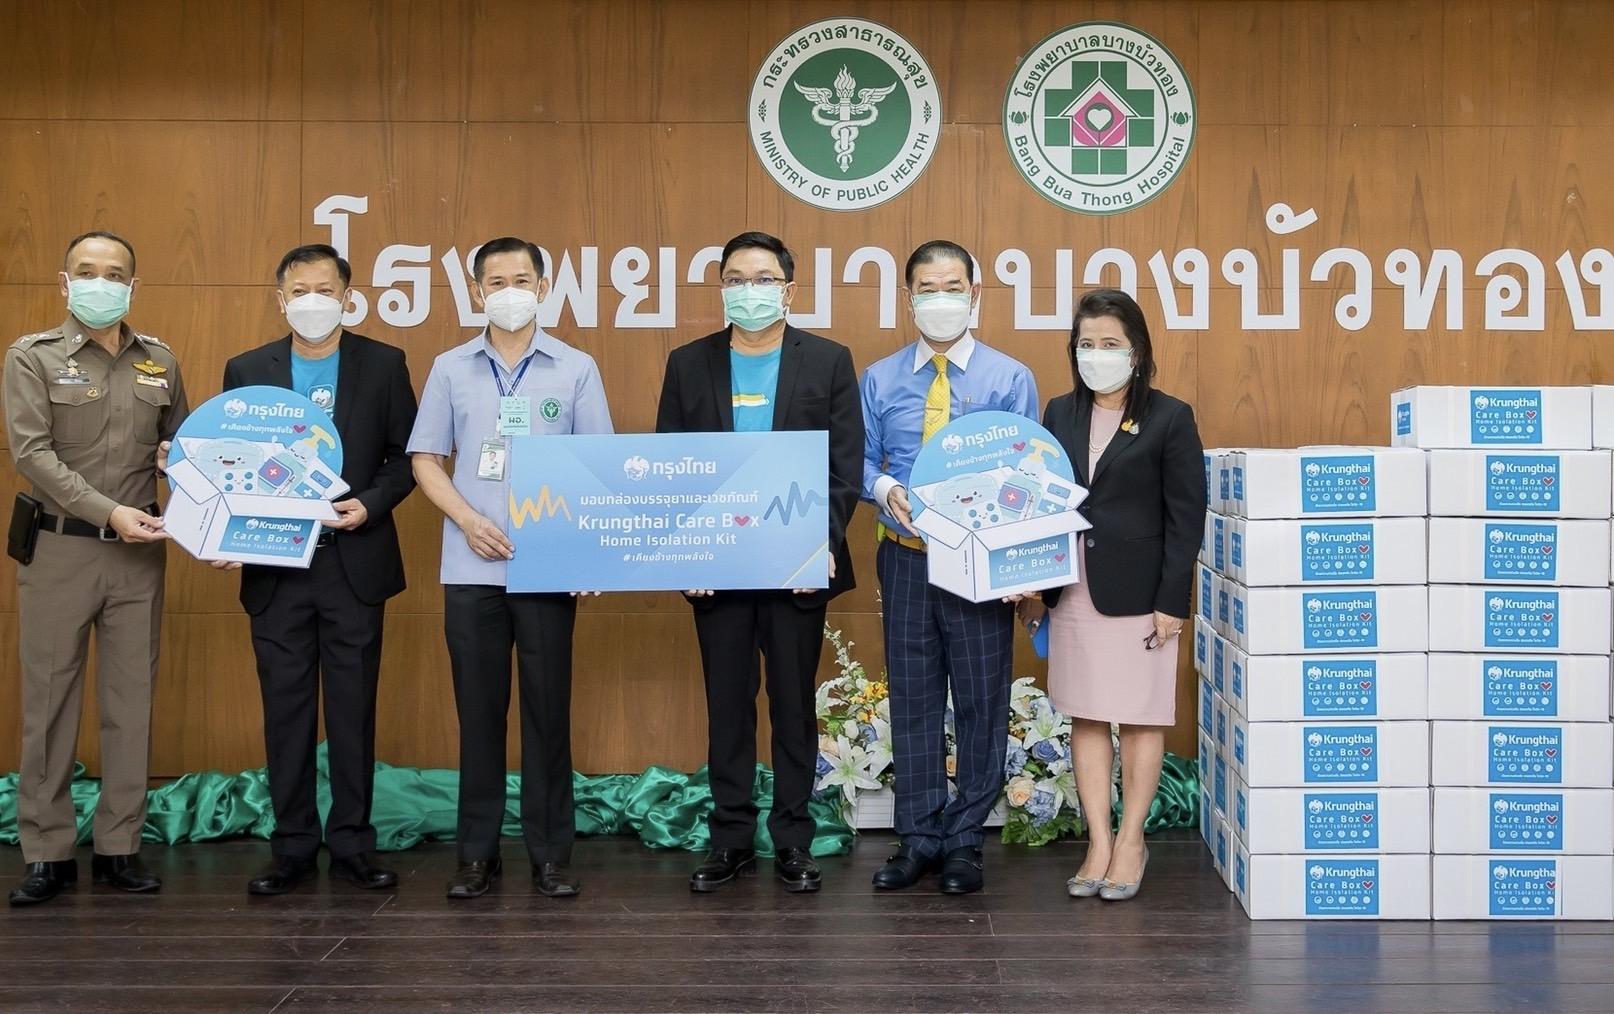 กรุงไทยเคียงข้างทุกพลังใจ มอบ Krungthai Care Box ให้โรงพยาบาลบางบัวทอง